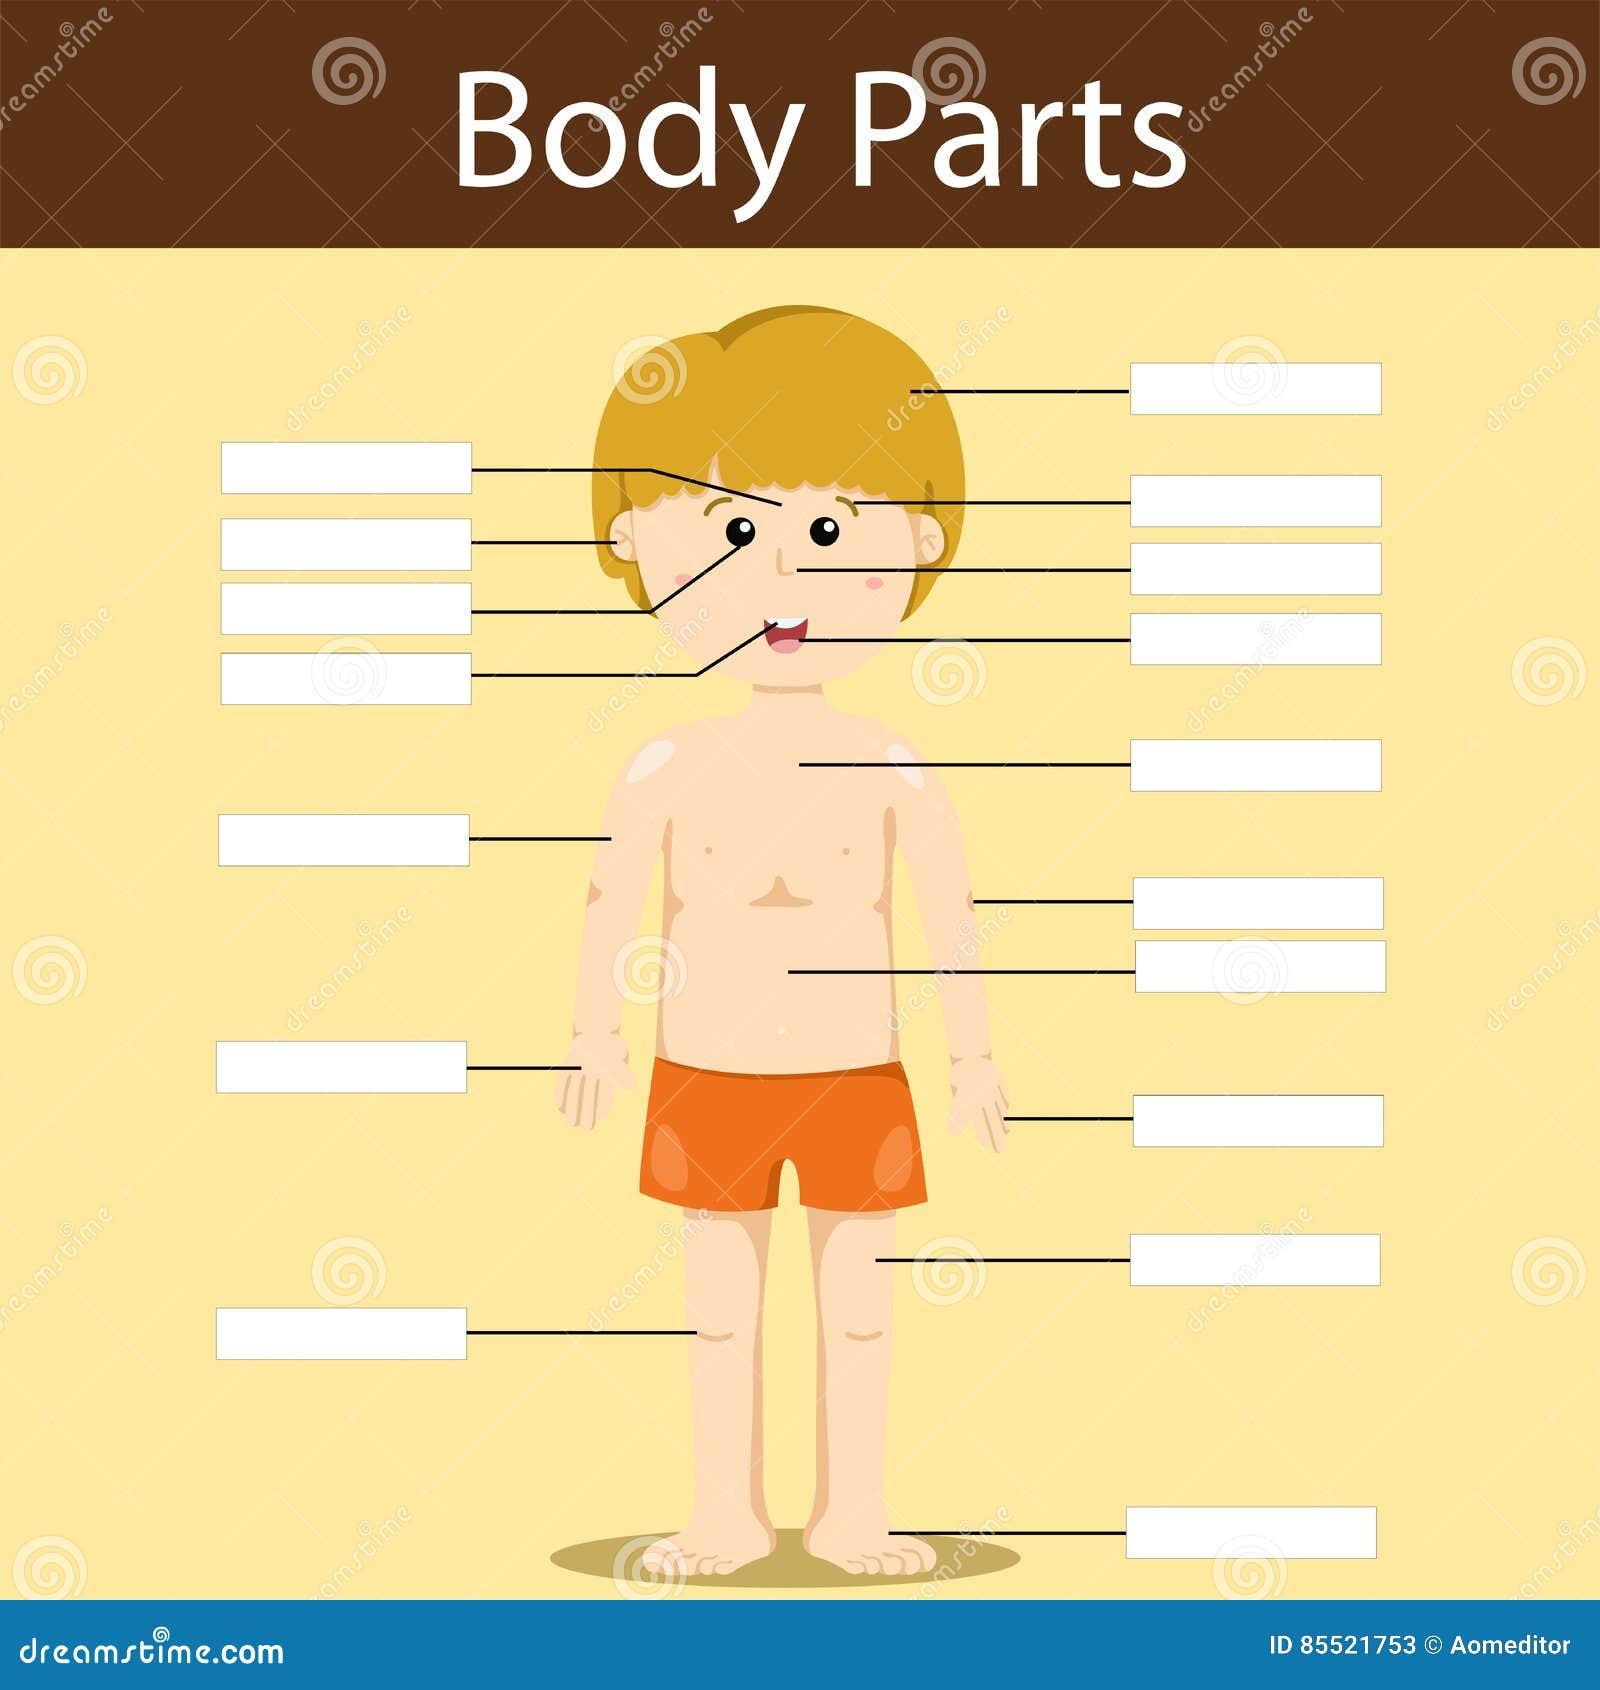 kroppsdelar svenska övning